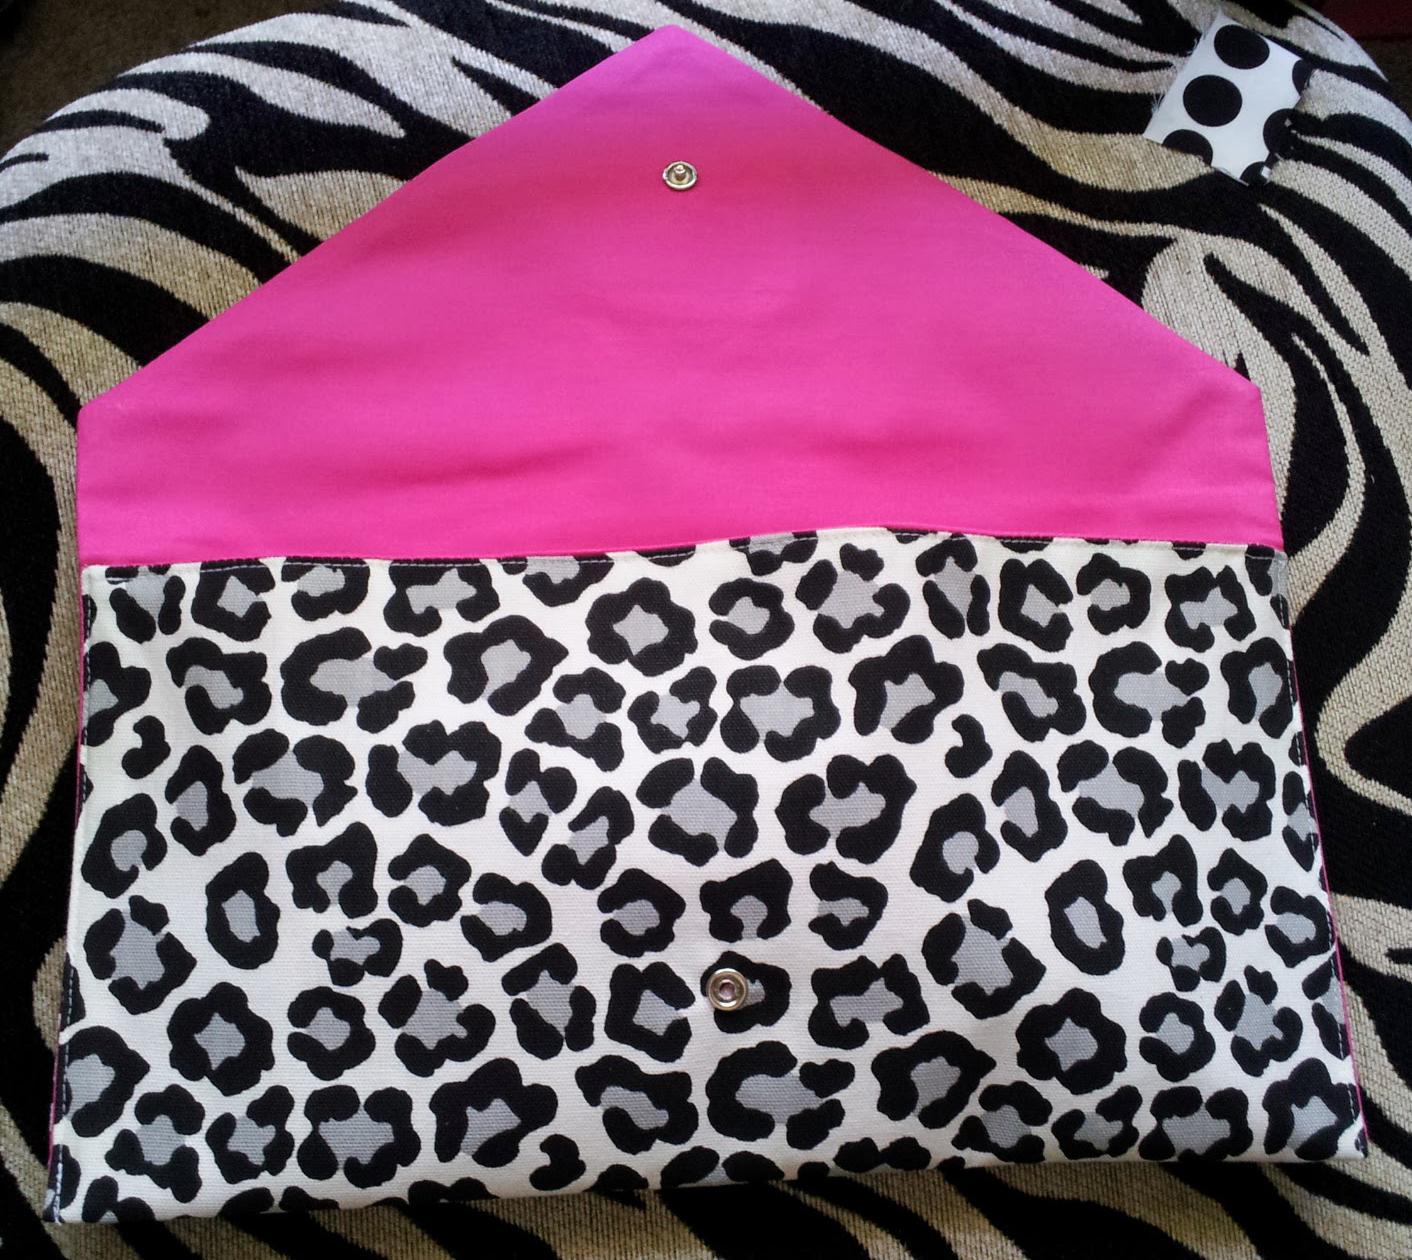 Rhianna's Studio DIY Clutch Bags